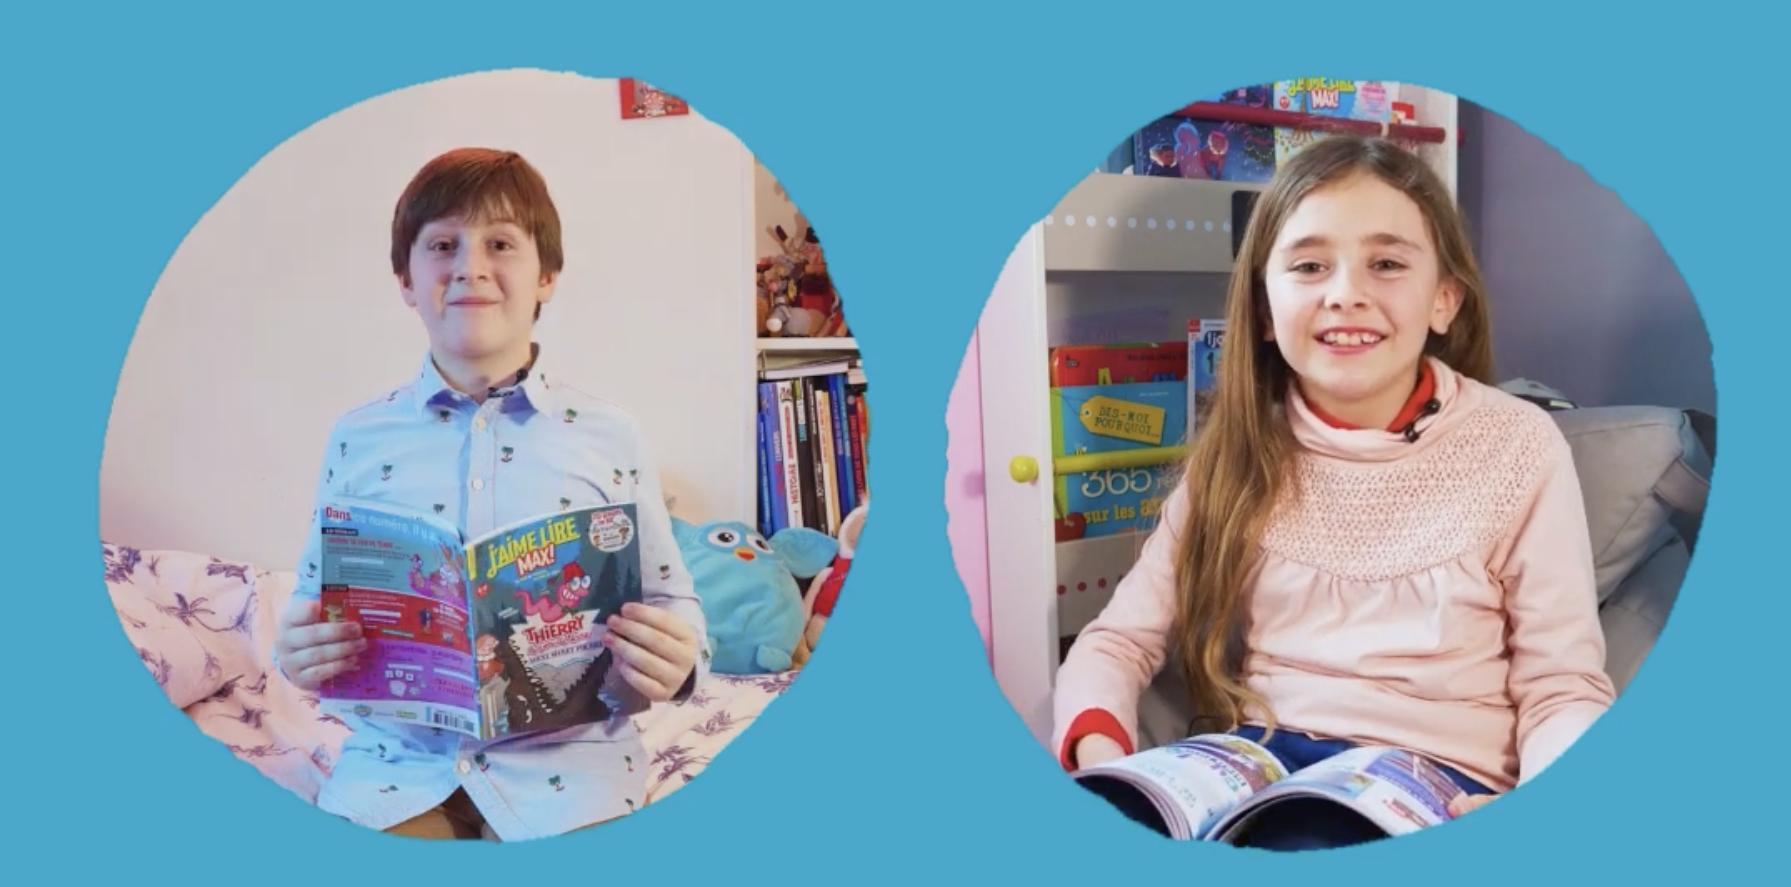 Des astuces de Petits champions en vidéo !